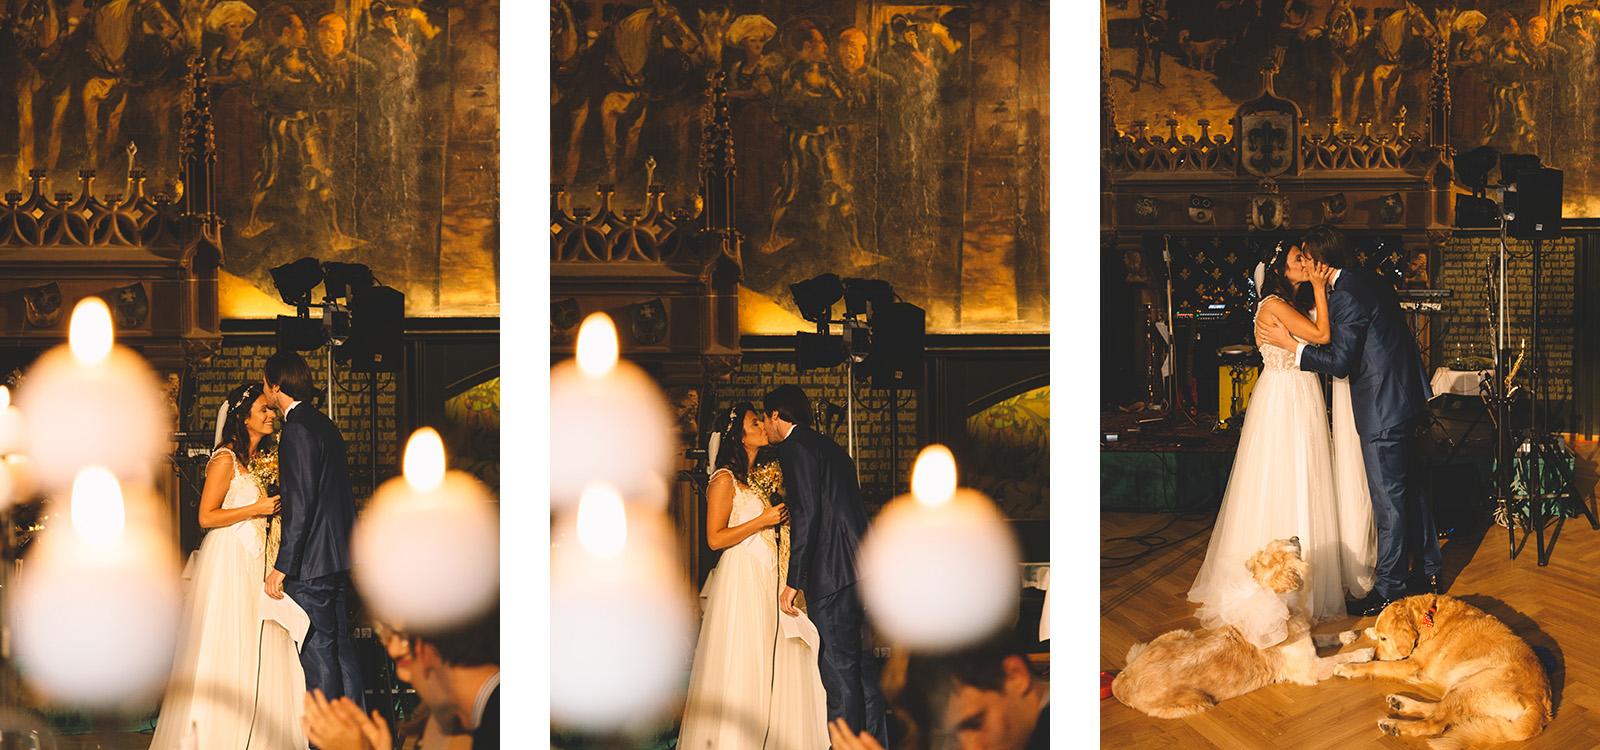 Basel Düğün Belgeseli